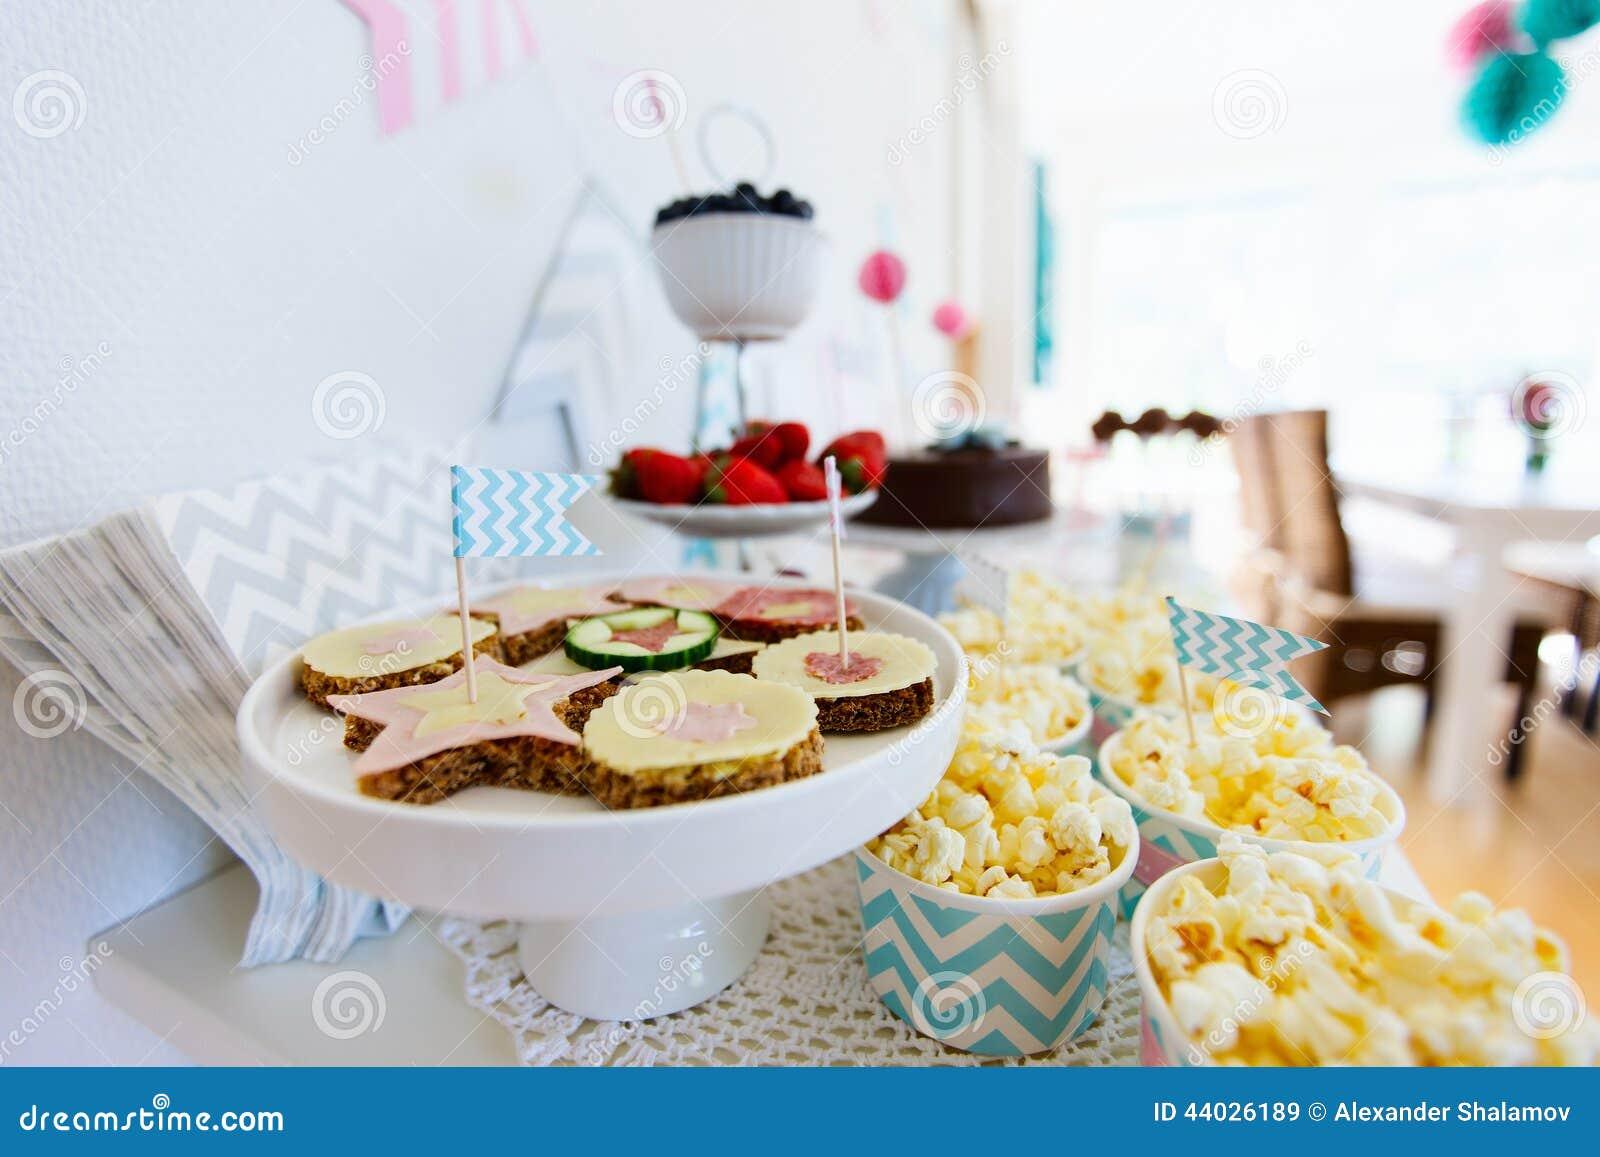 Deseru stół